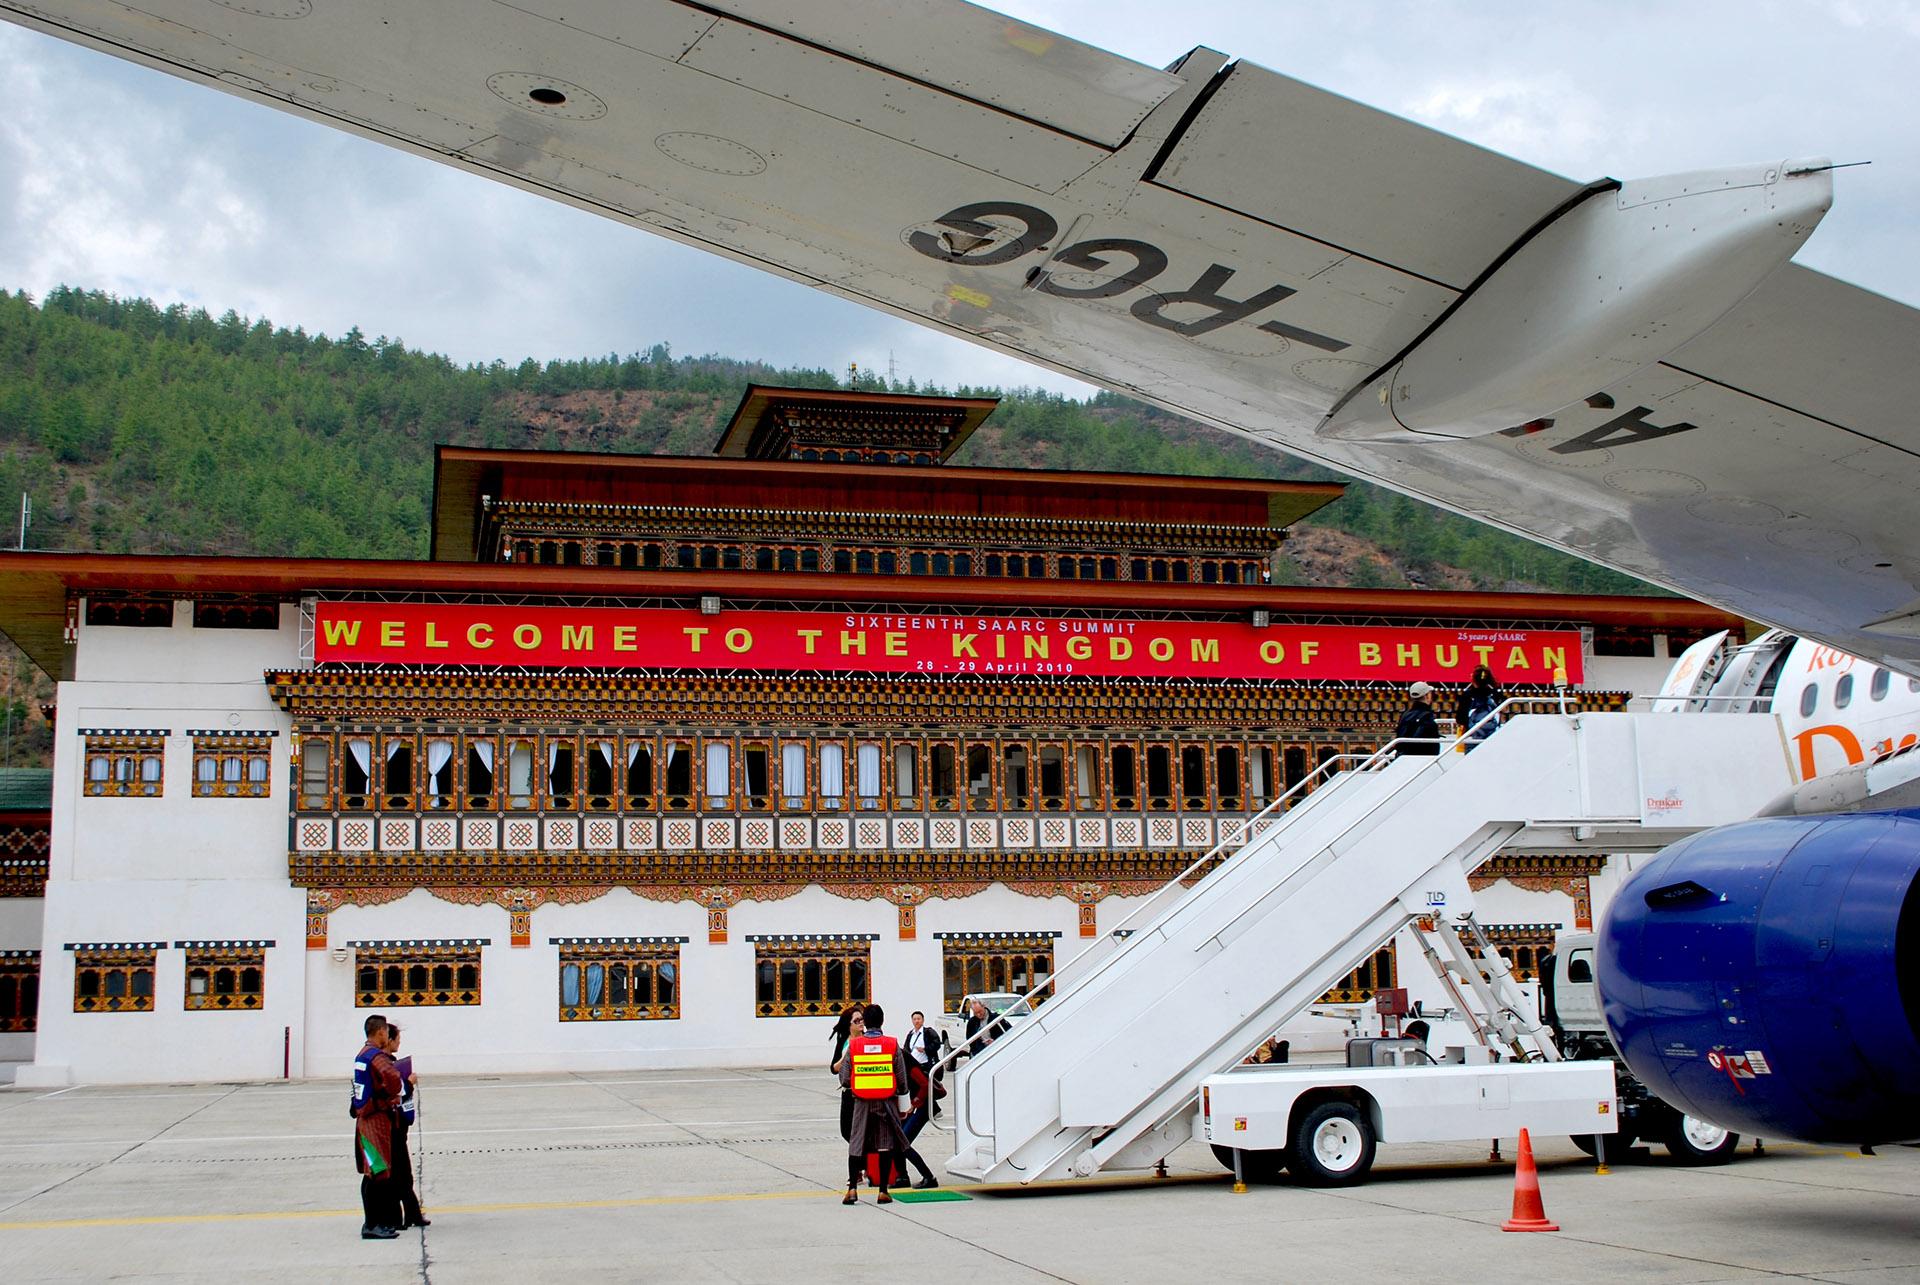 Reino do Butão aeroporto